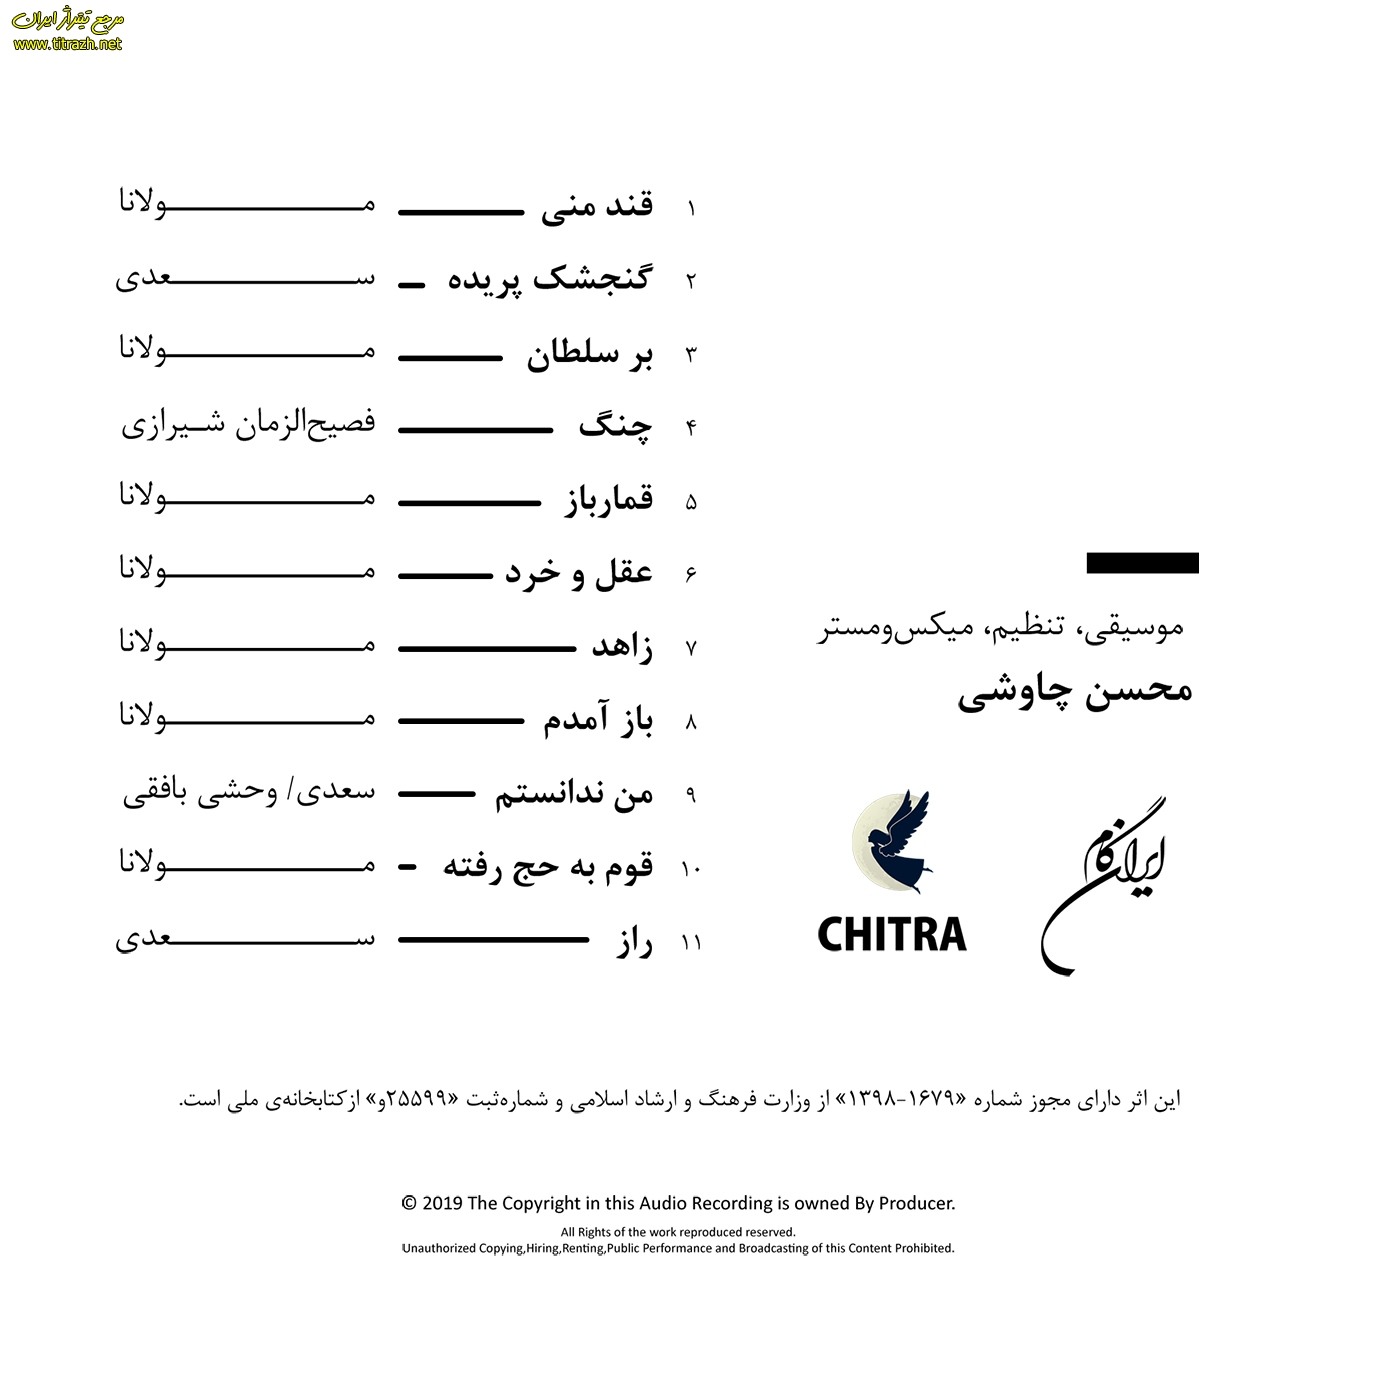 دانلود آلبوم بی نام محسن چاوشی - مرجع تیتراژ ایران